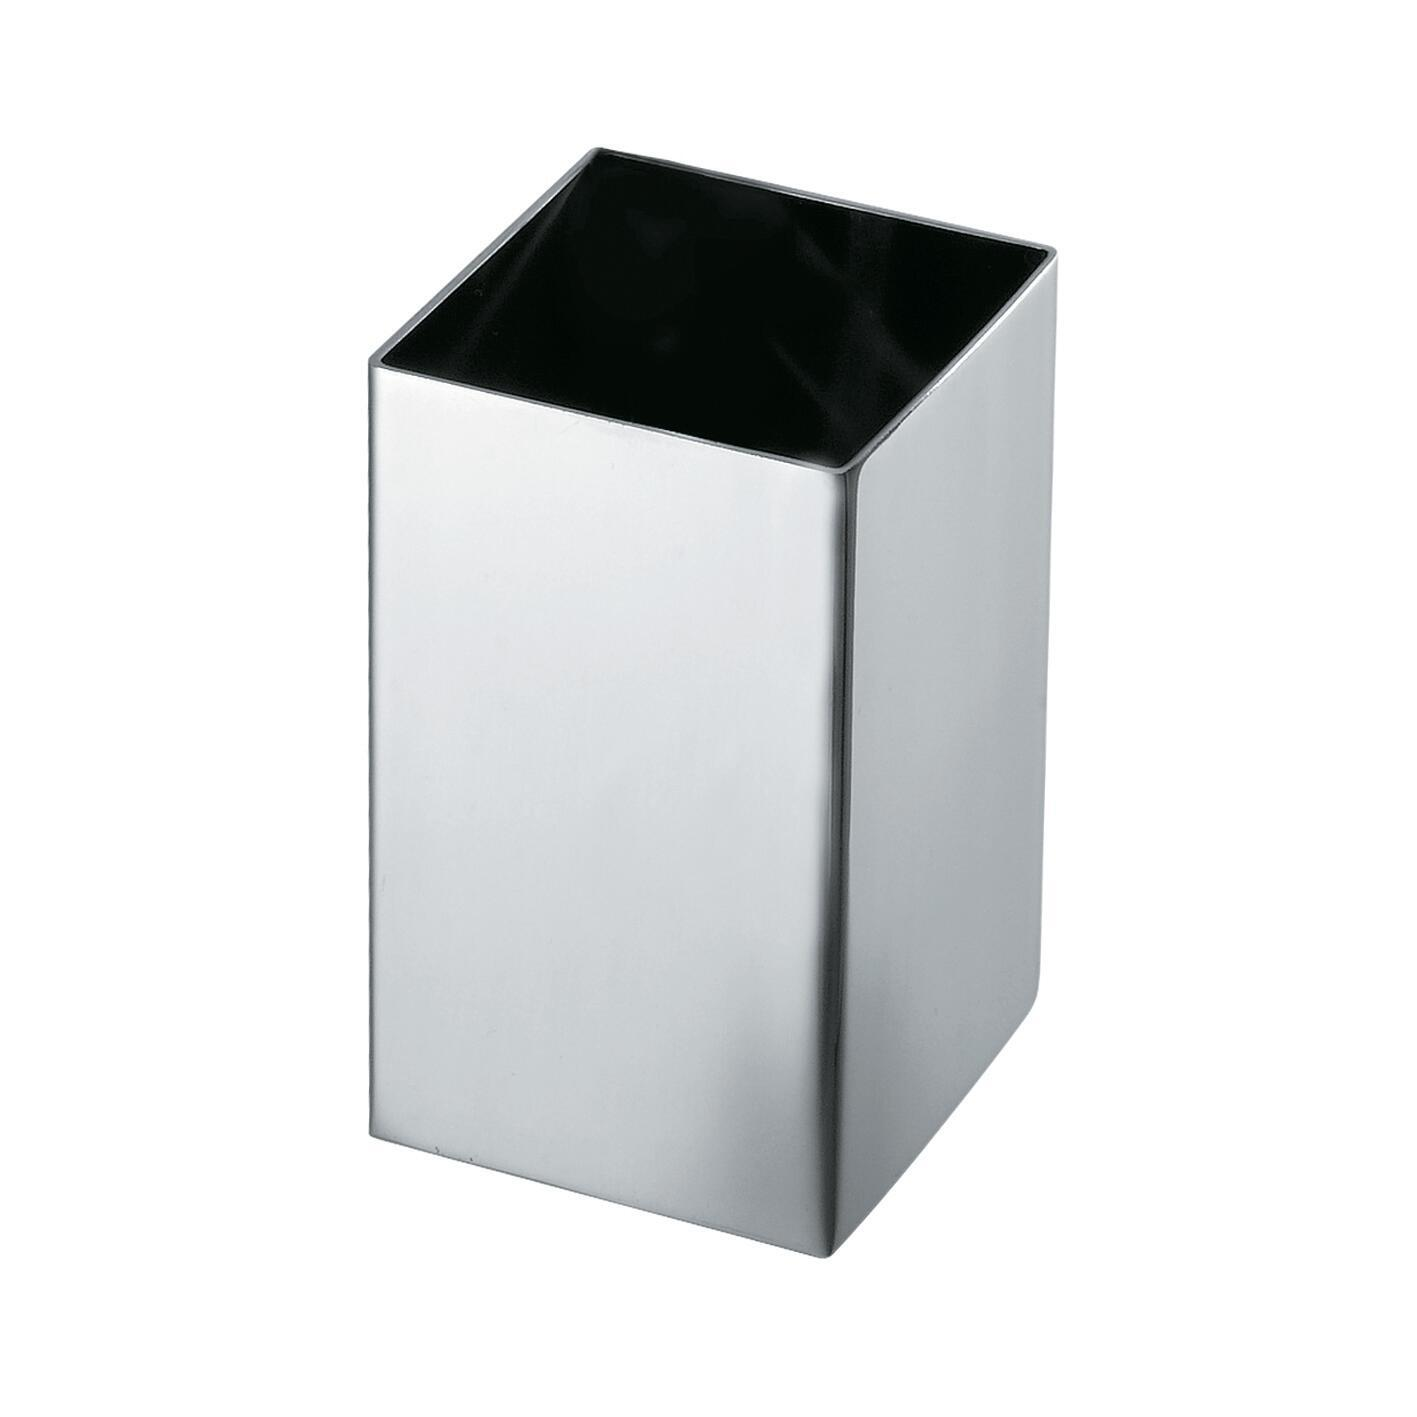 Bicchiere porta spazzolini Nemesia in inox grigio - 1